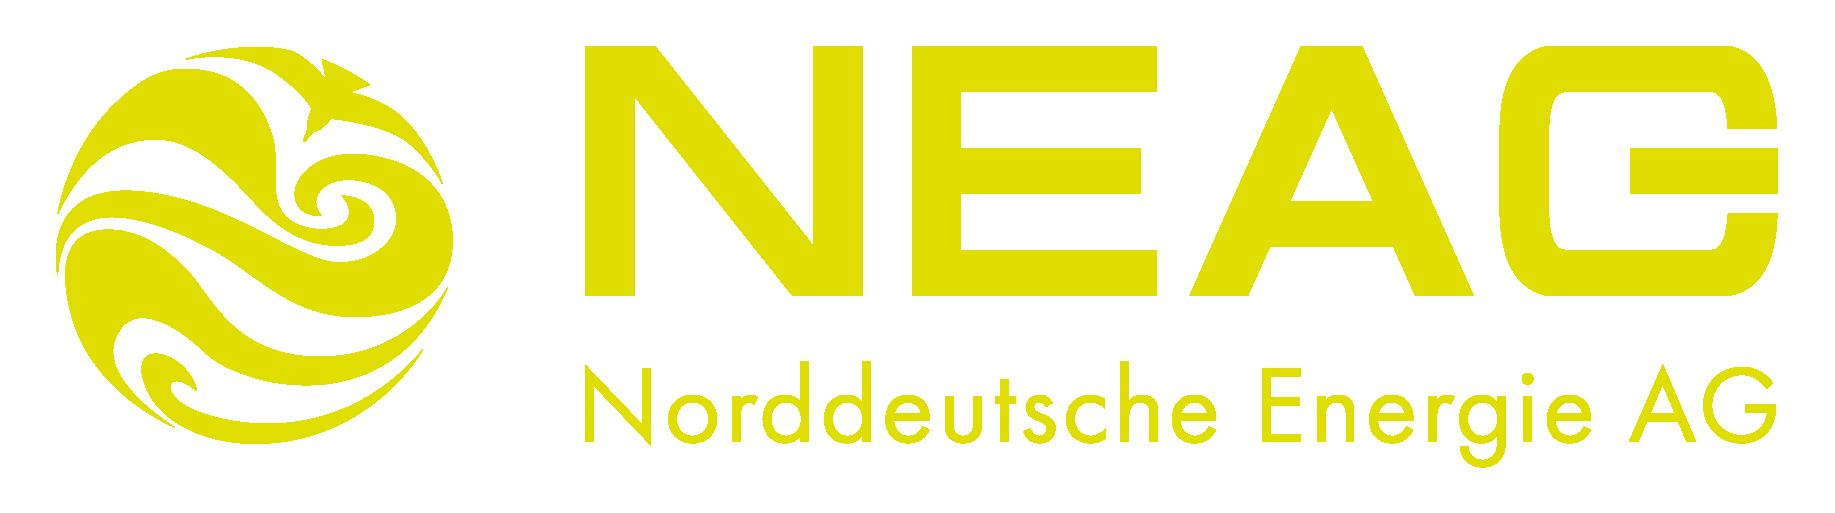 Norddeutsche Energie AG